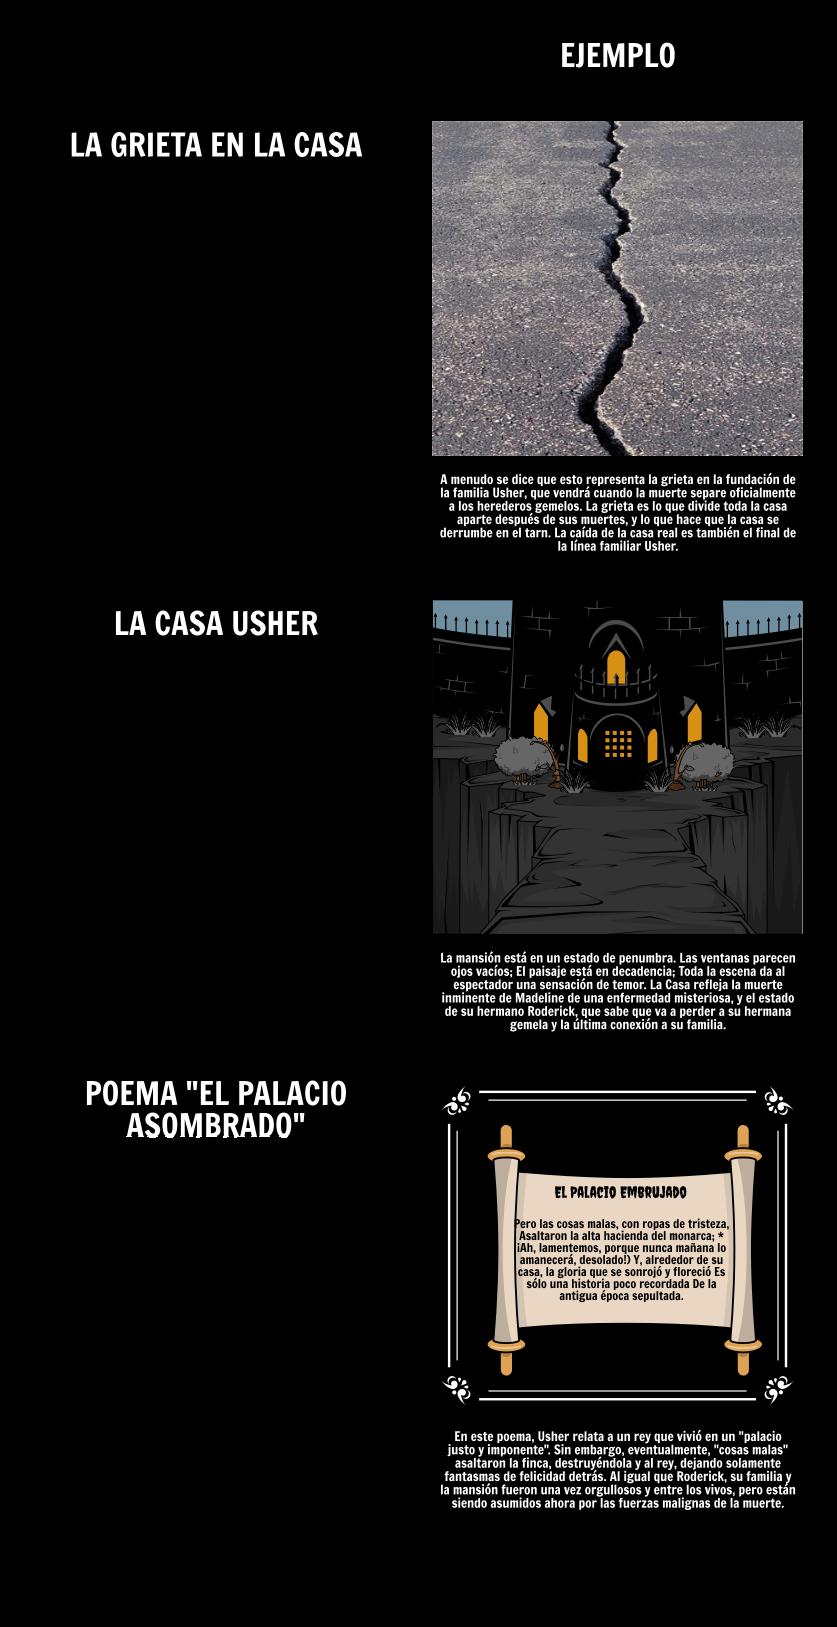 La Casa Es Muy Bonita Y Grande World Mediterranean: La Caída De La Casa De Usher Temas, Motivos Y Símbolos